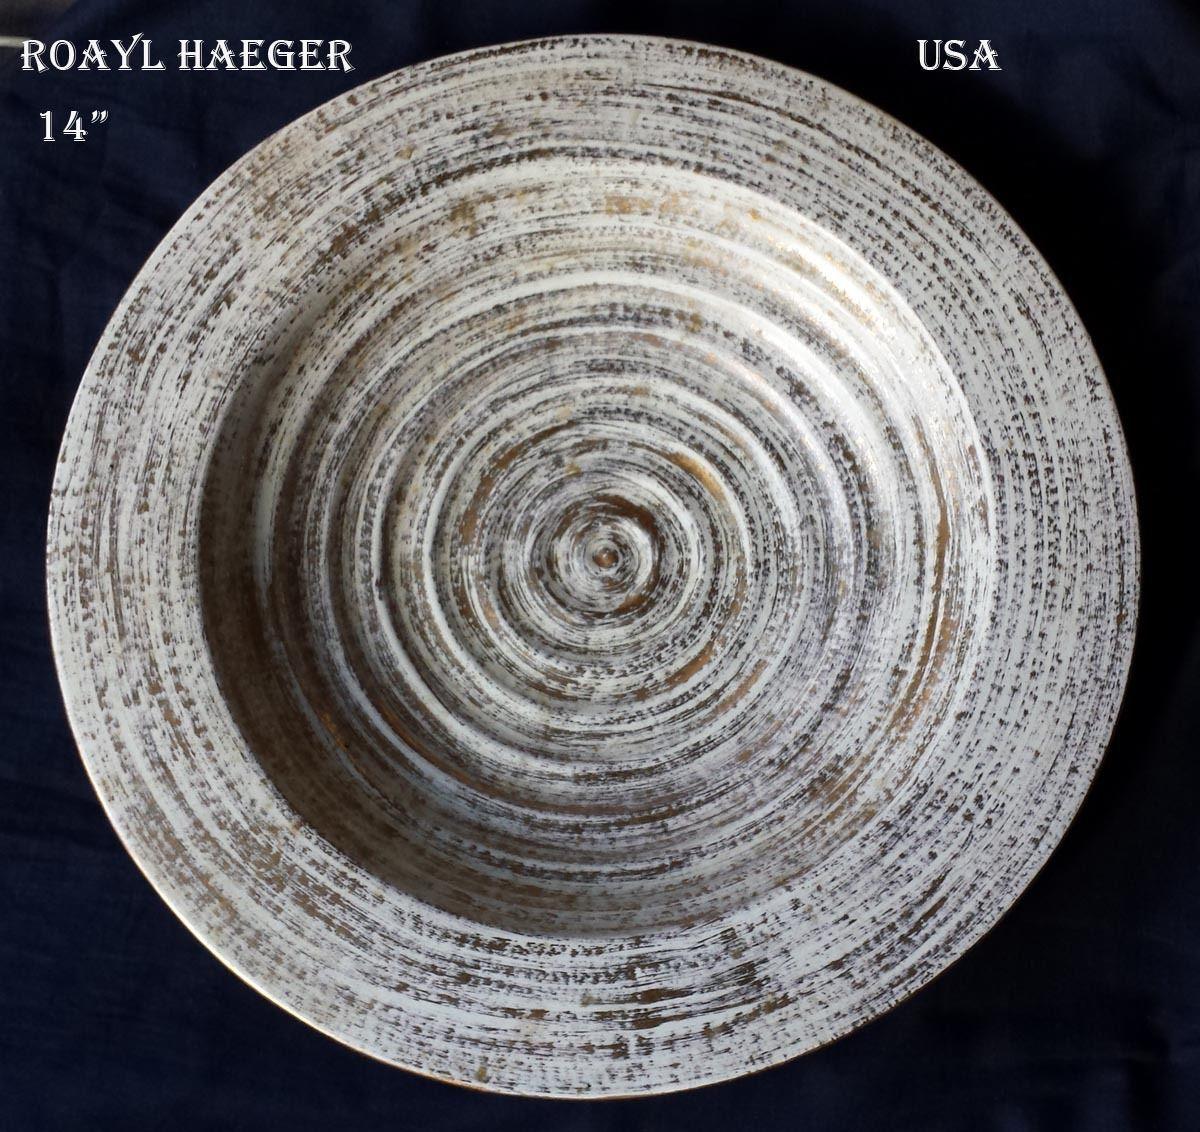 & Royal Haeger 15